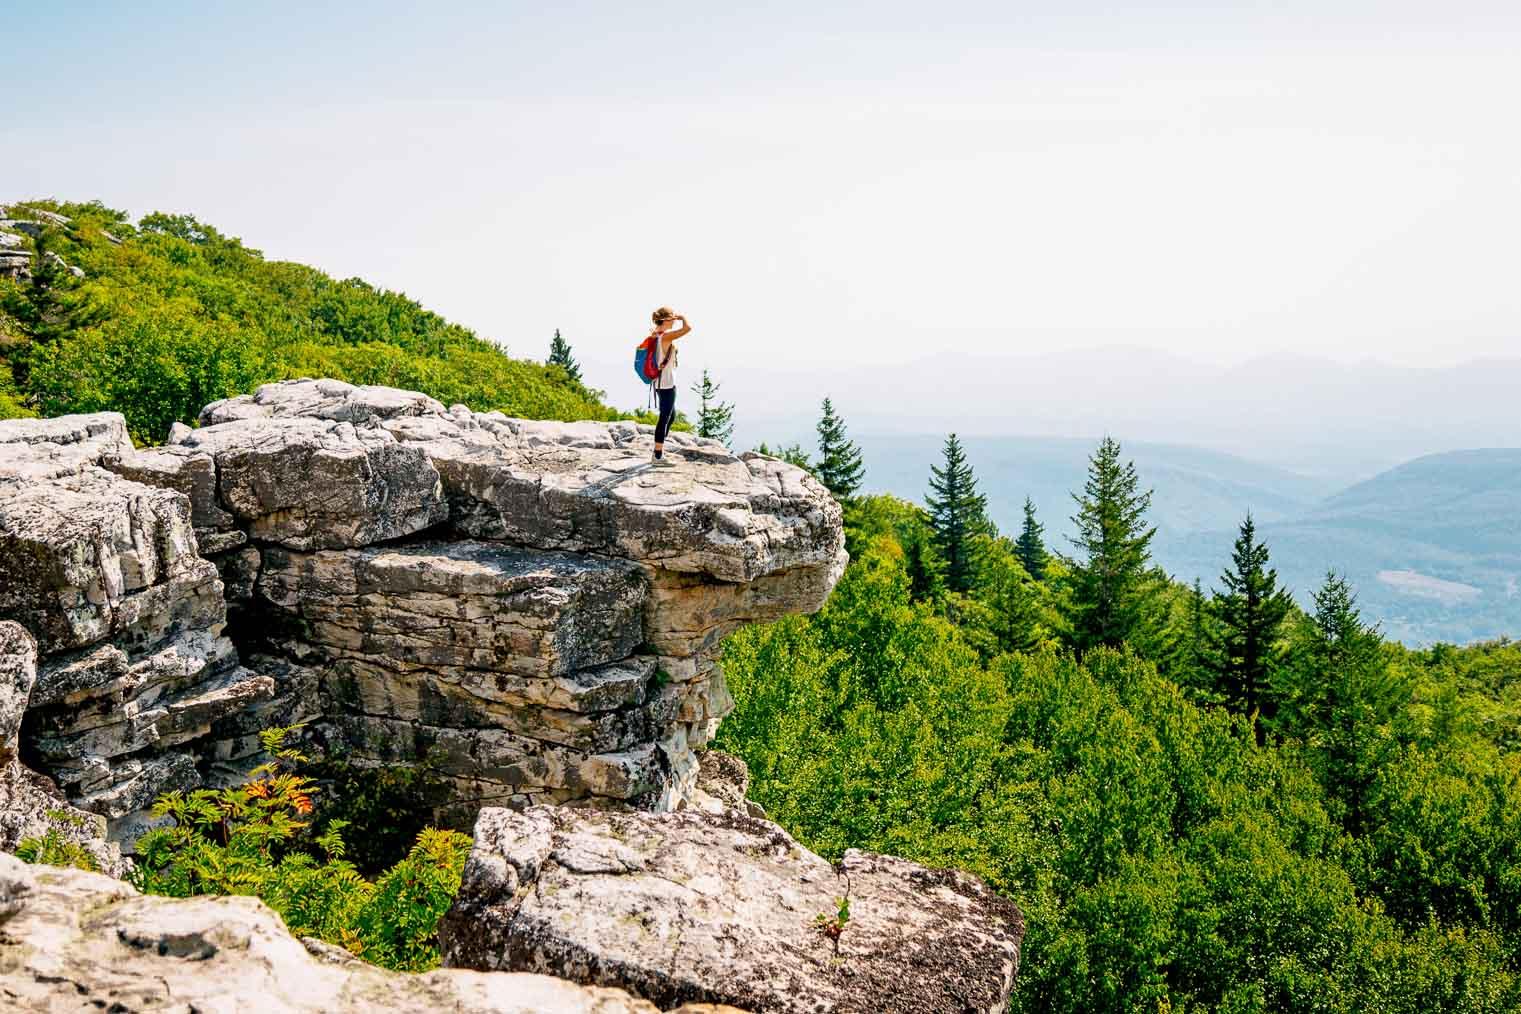 Bear Rocks, Dolly Sods Wilderness in West Virginia